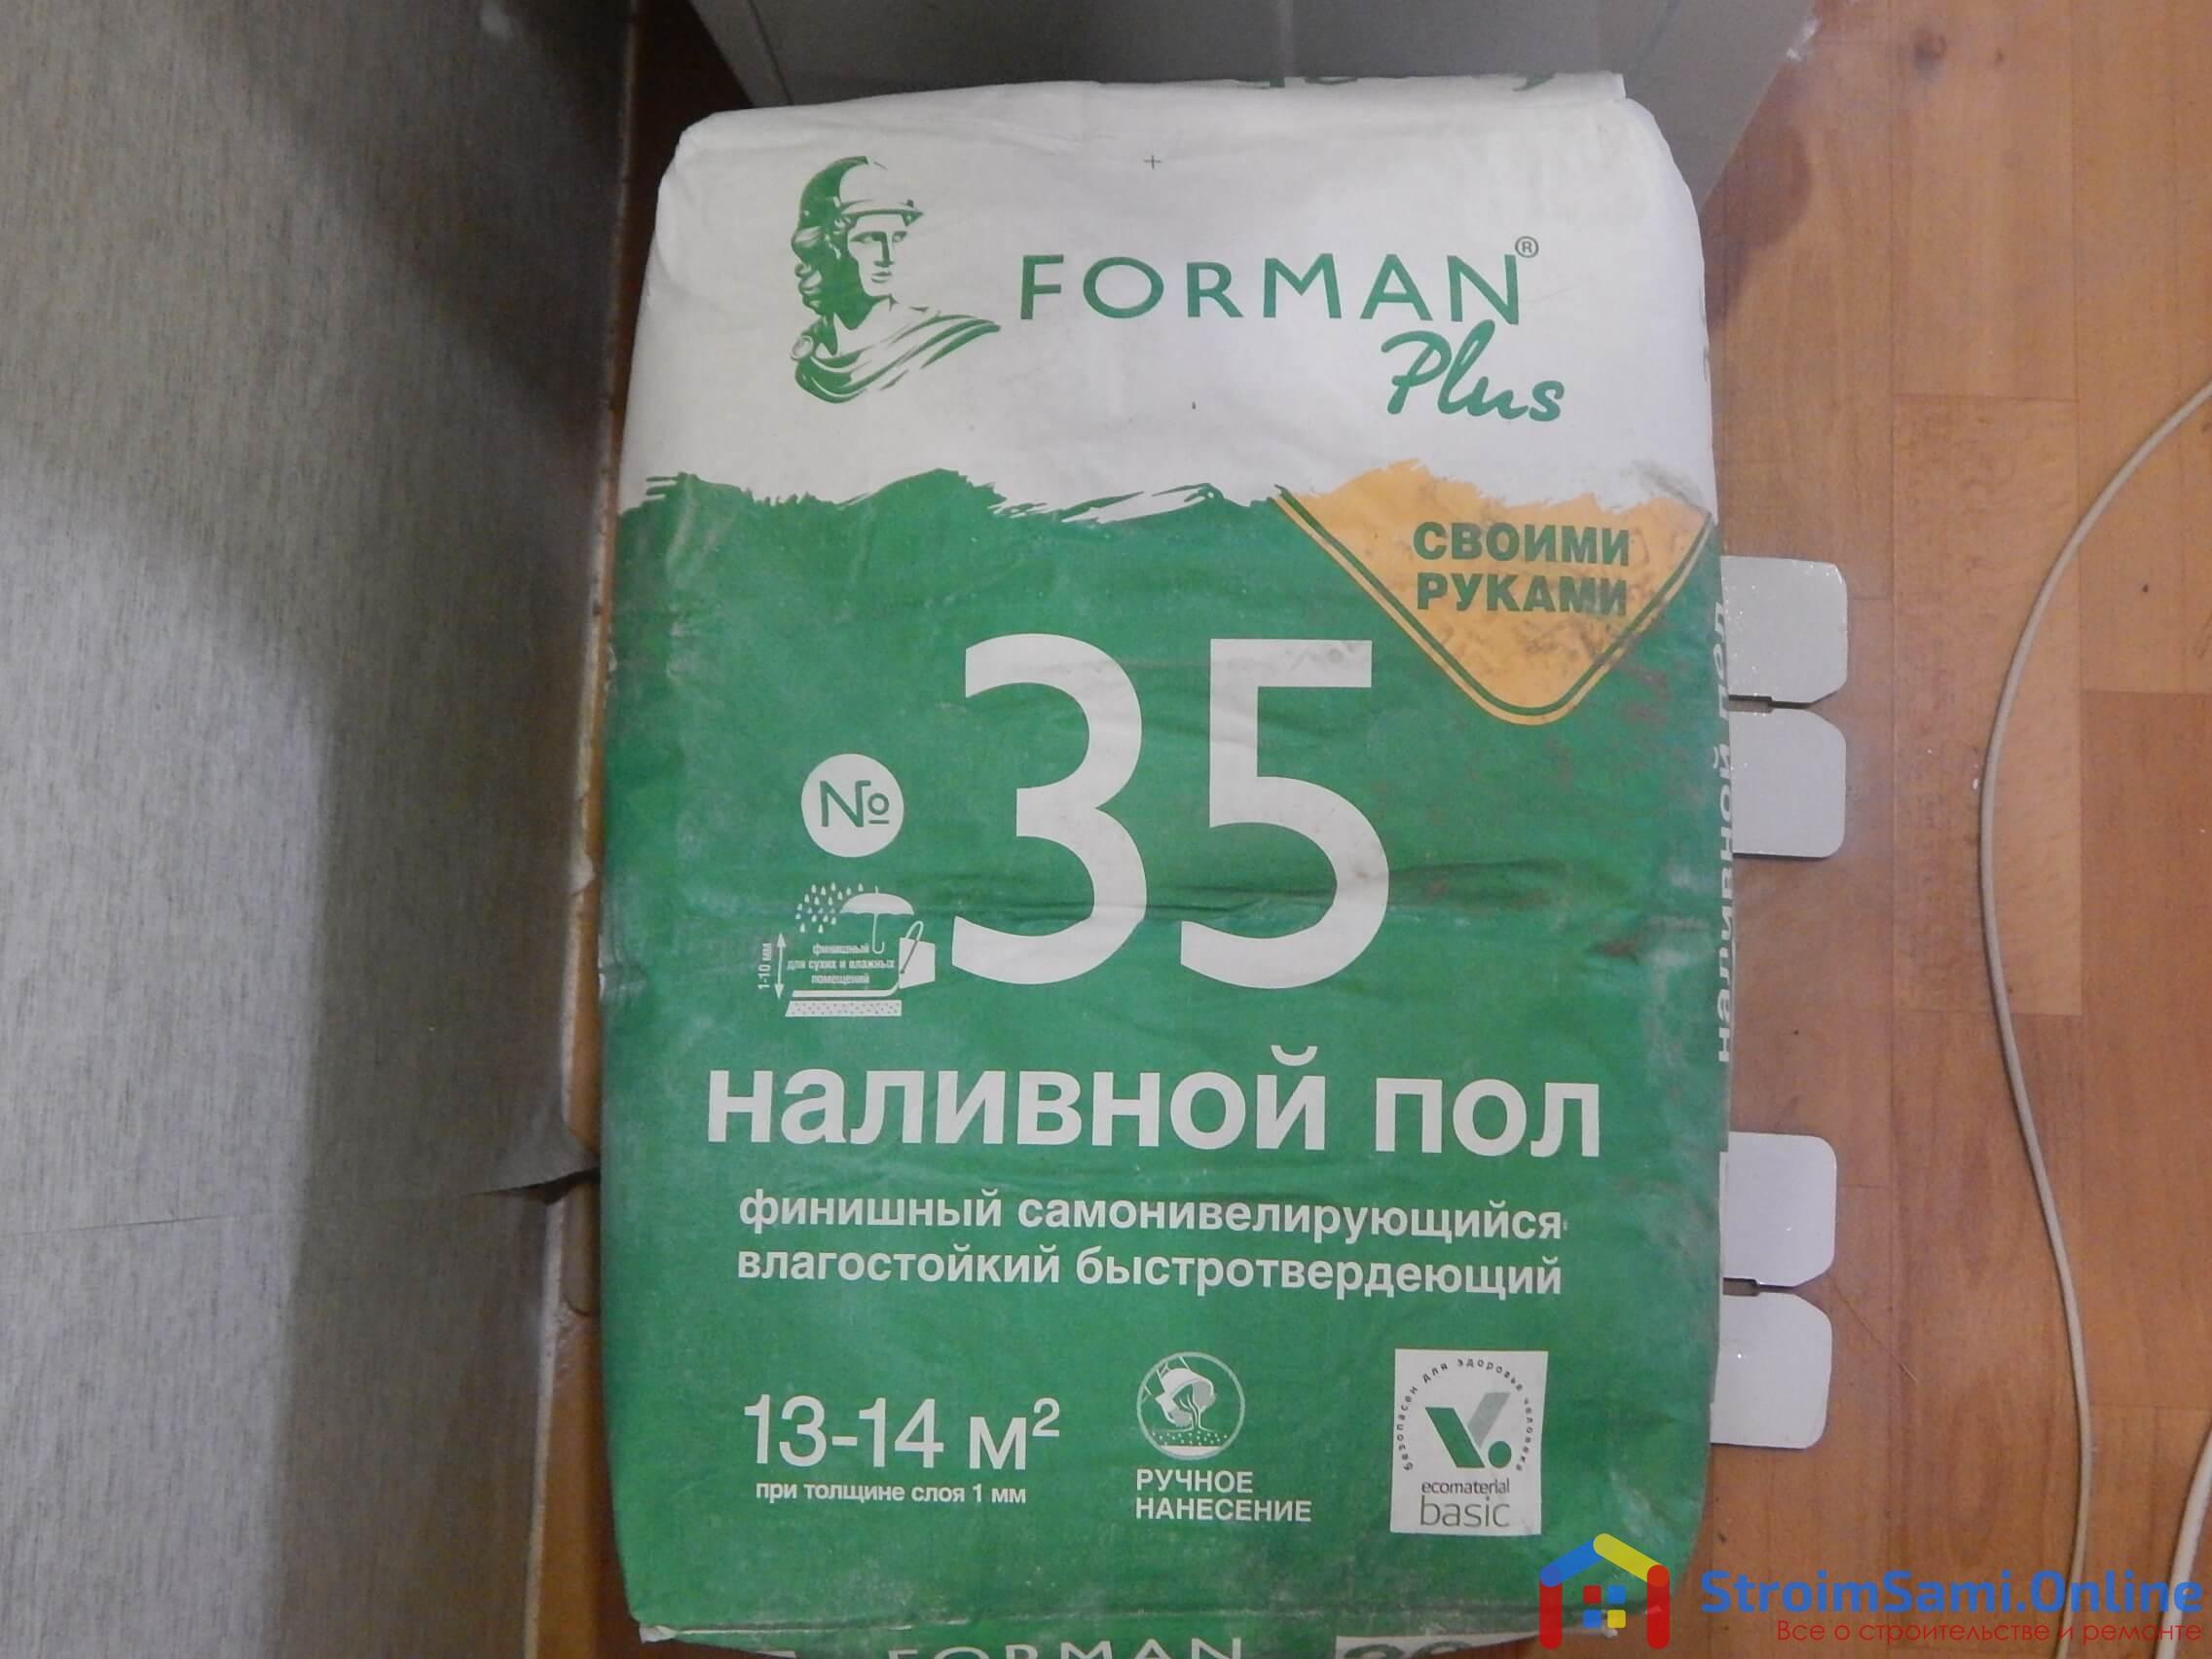 Наливной пол Forman Plus №35